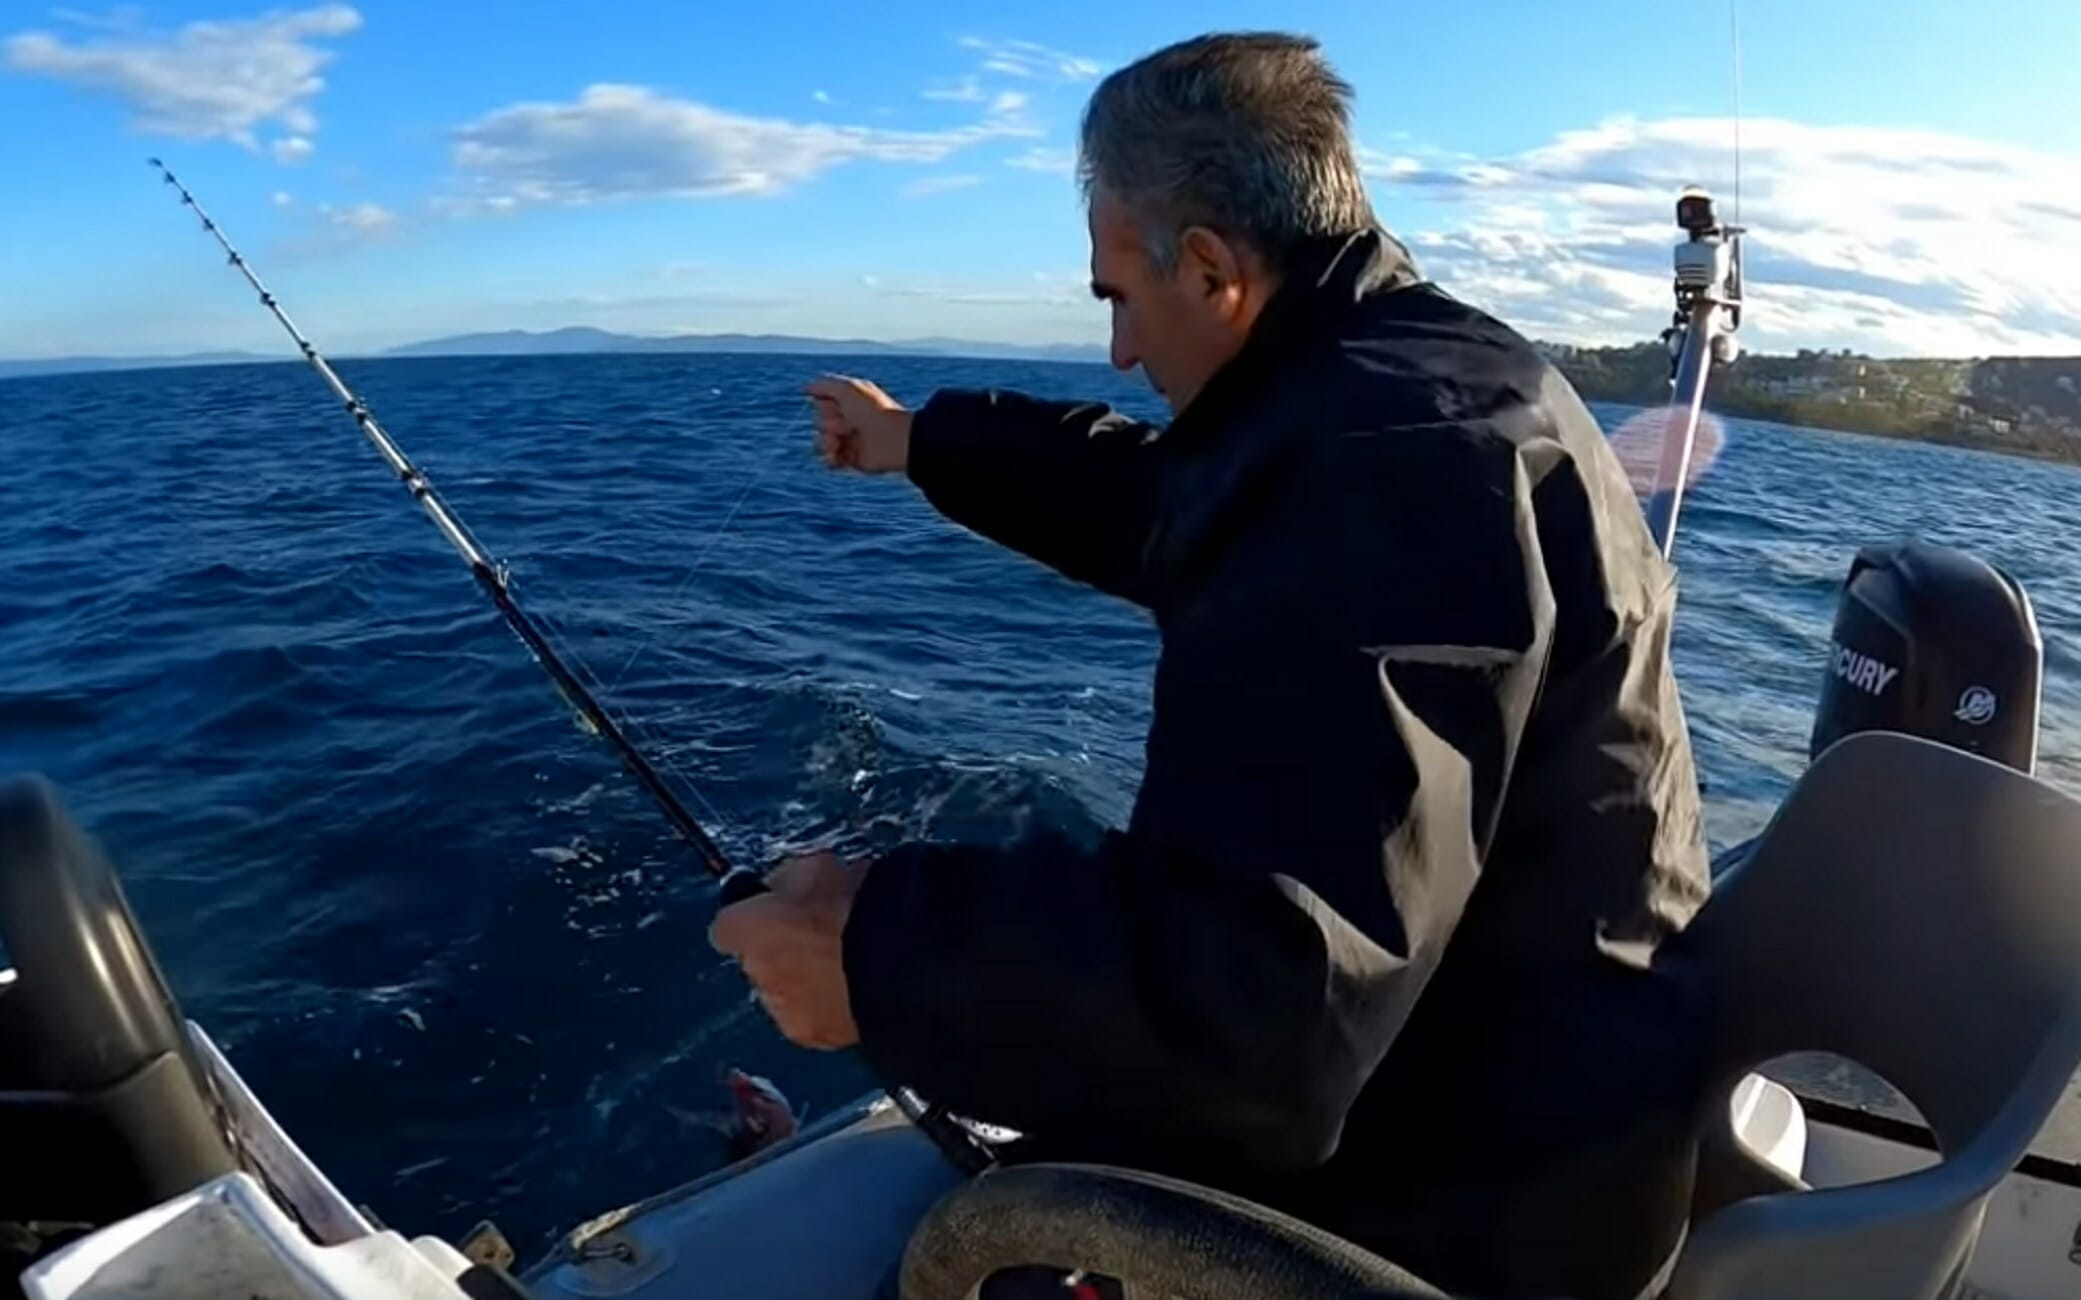 Αιγαίο: Ο ψαράς σηκώνει το καλάμι και βλέπει το… μεγάλο δώρο της θάλασσας! Χόρτασε ολόκληρη η οικογένεια (Βίντεο)